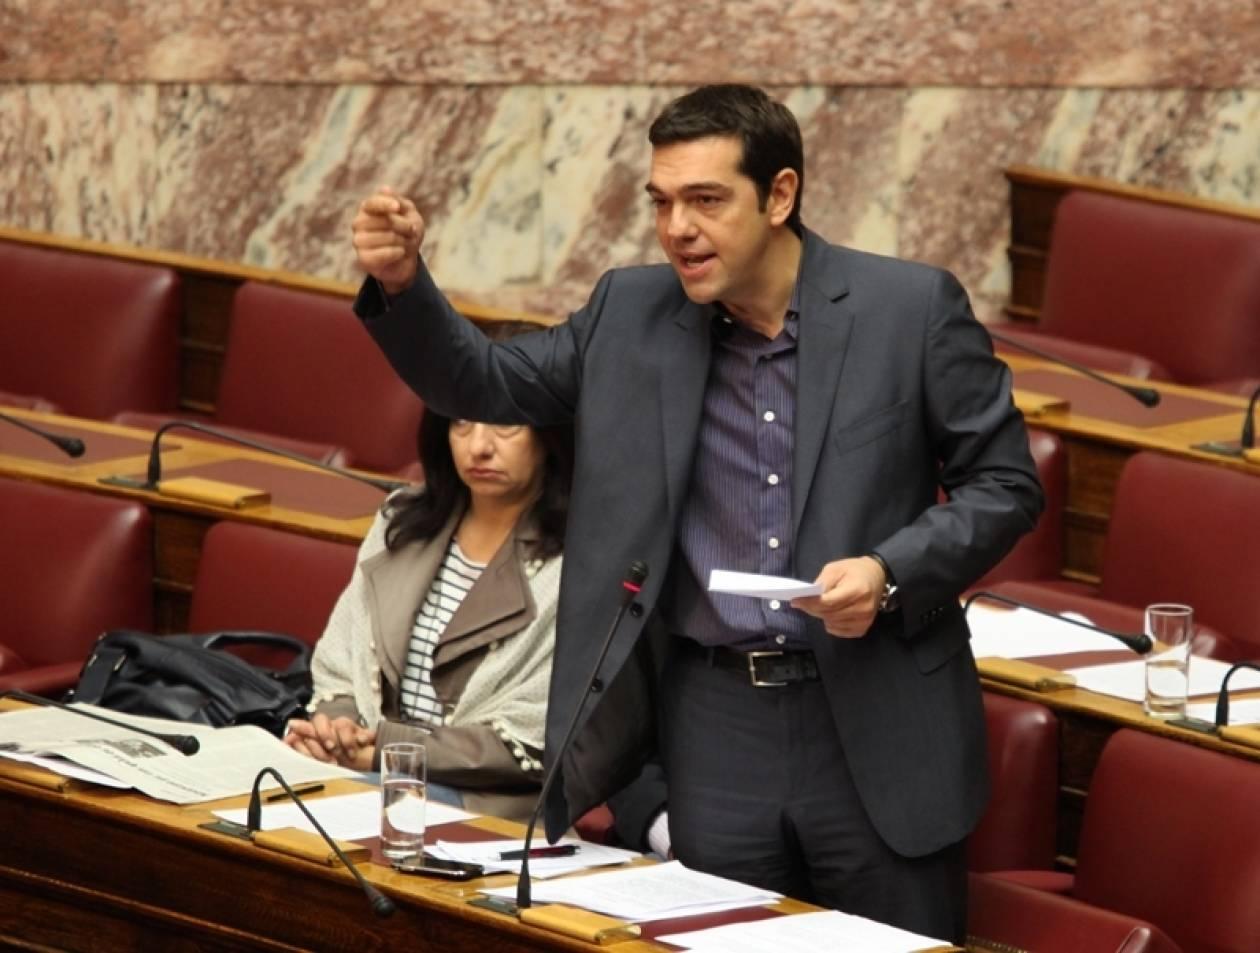 Εκλογές «εδώ και τώρα» θέλει ο Τσίπρας